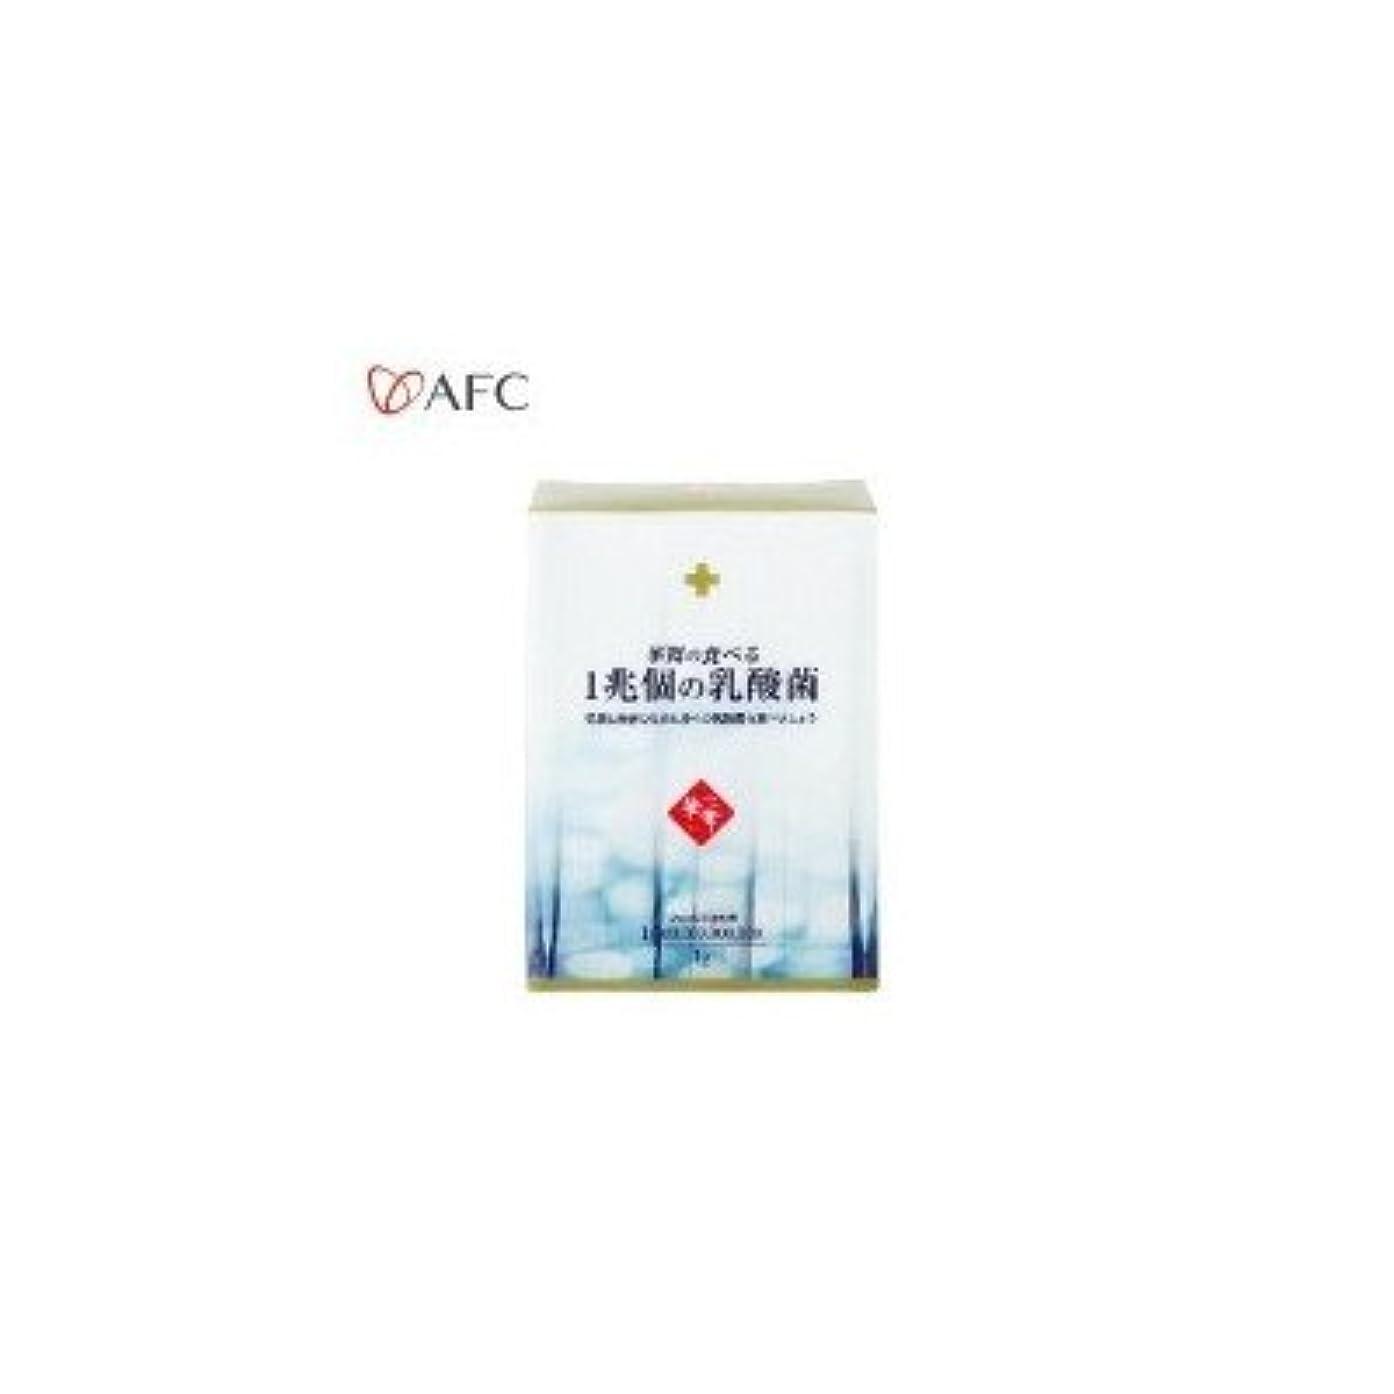 扱う透過性平野AFC 華舞シリーズ 華舞の1兆個の乳酸菌 スティックタイプ 30g(1g×30本) 3222 爽やかなヨーグルト 持ち運びにも便利なスティックタイプ